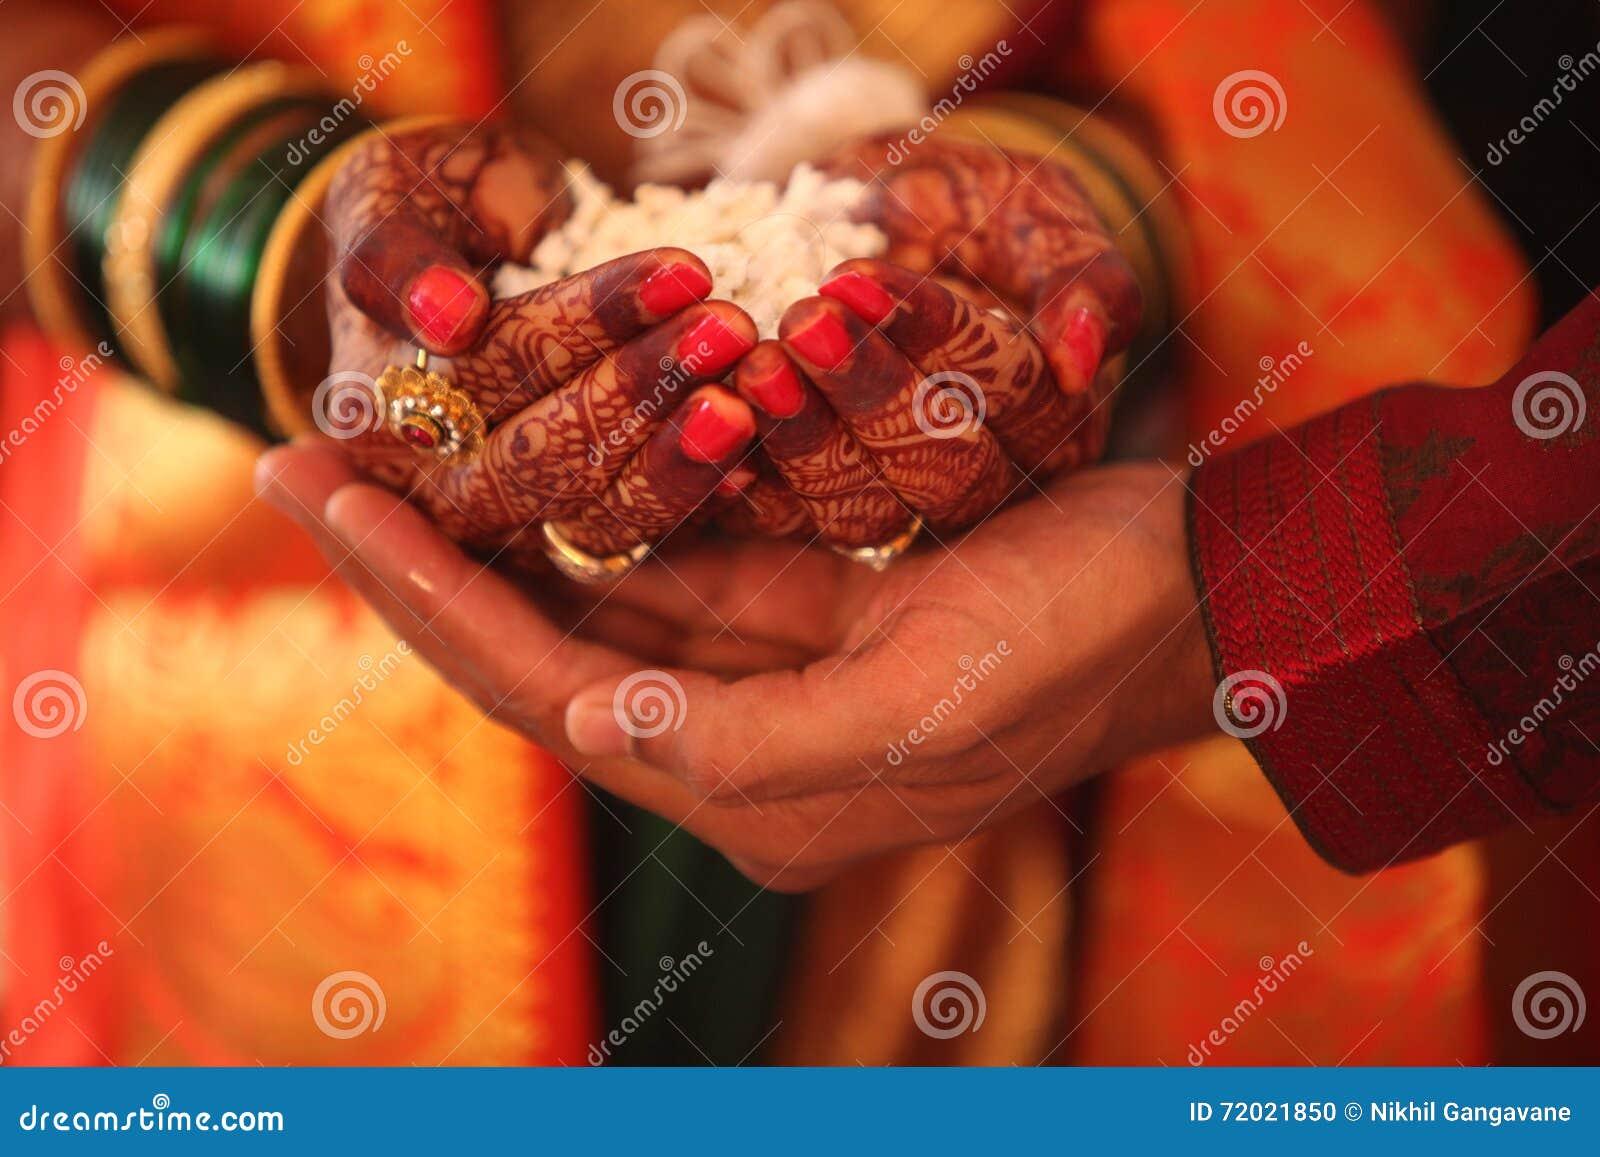 Ритуалы свадьбы